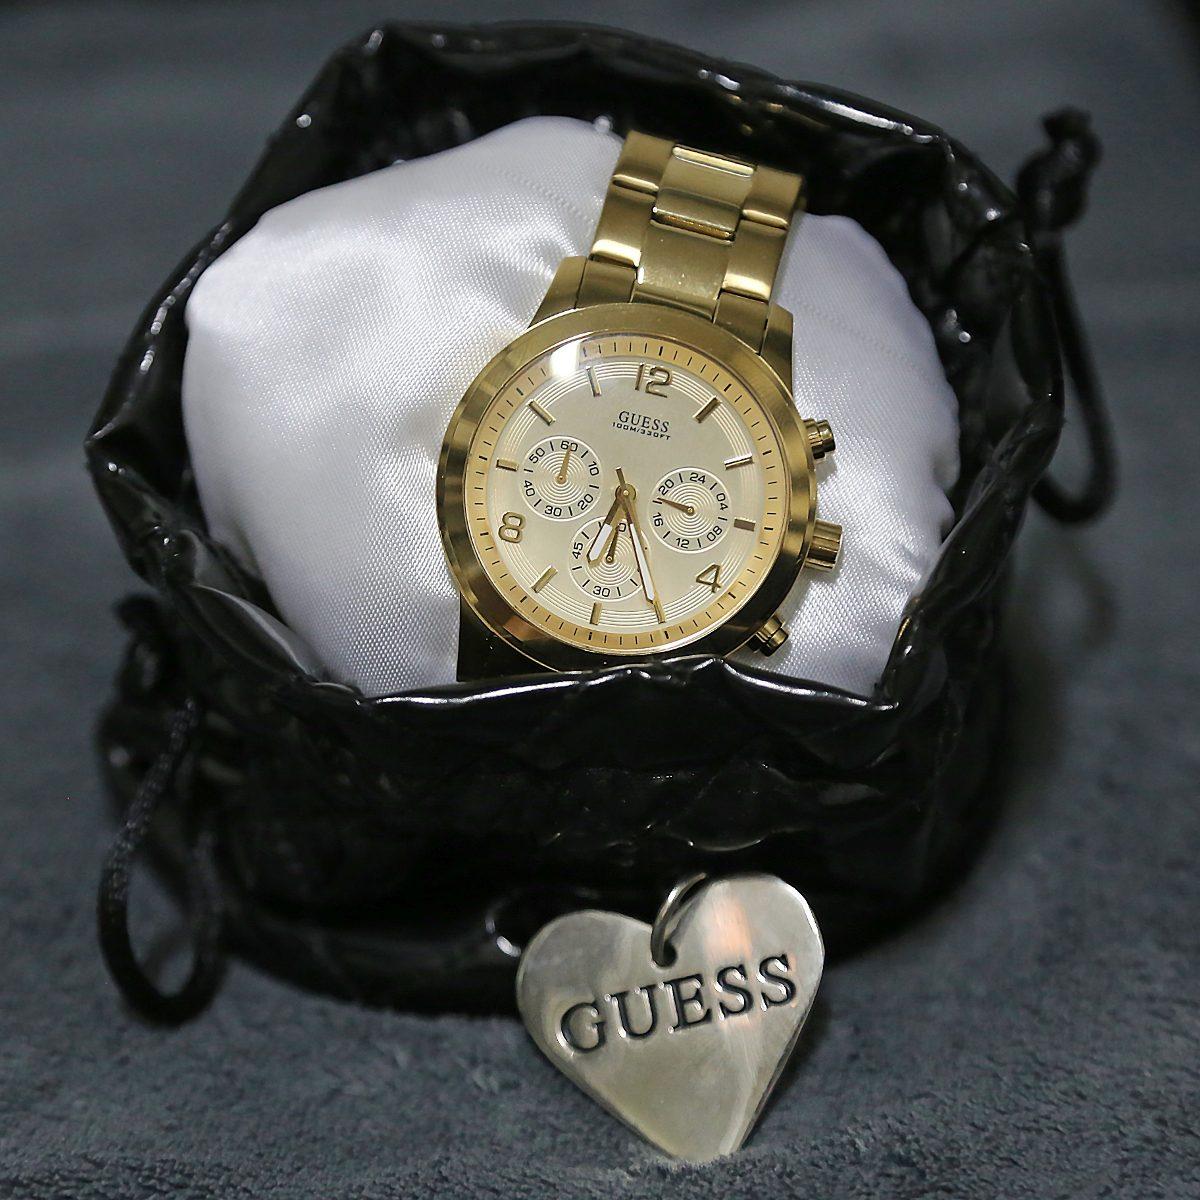 69d731db088 Carregando zoom... relógio guess feminino dourado - 40%off